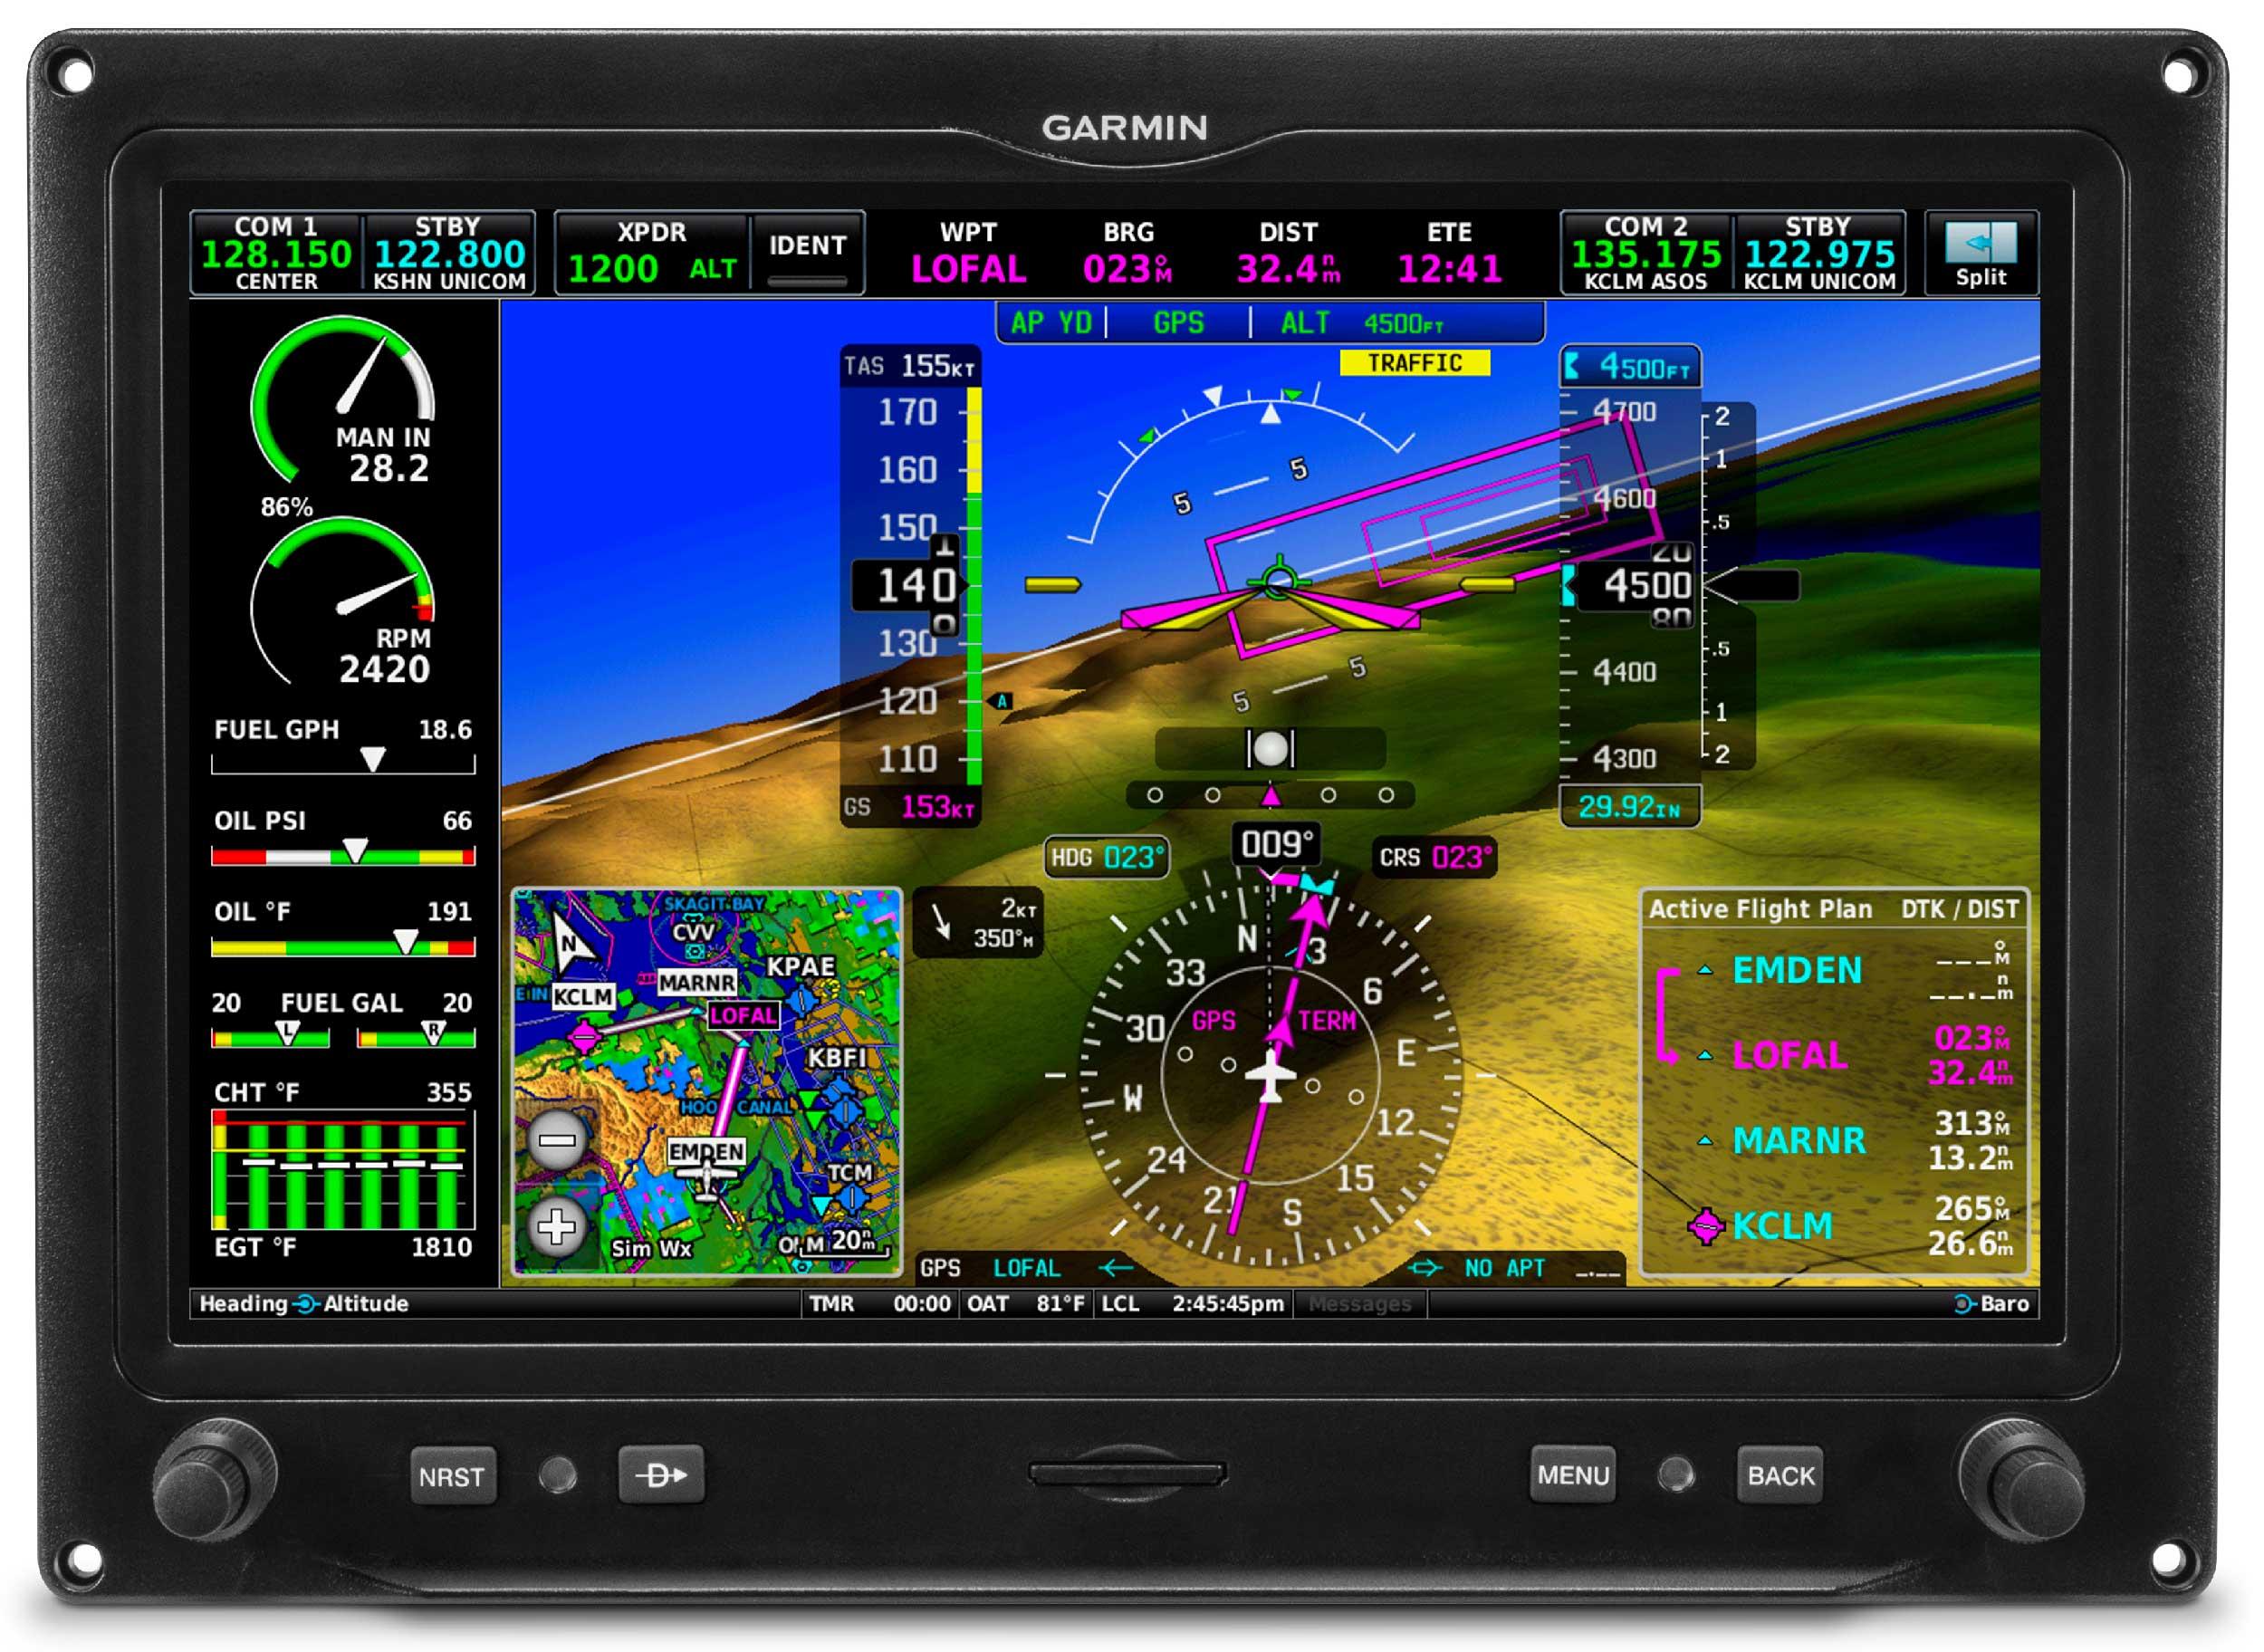 Garmin G3X Touch